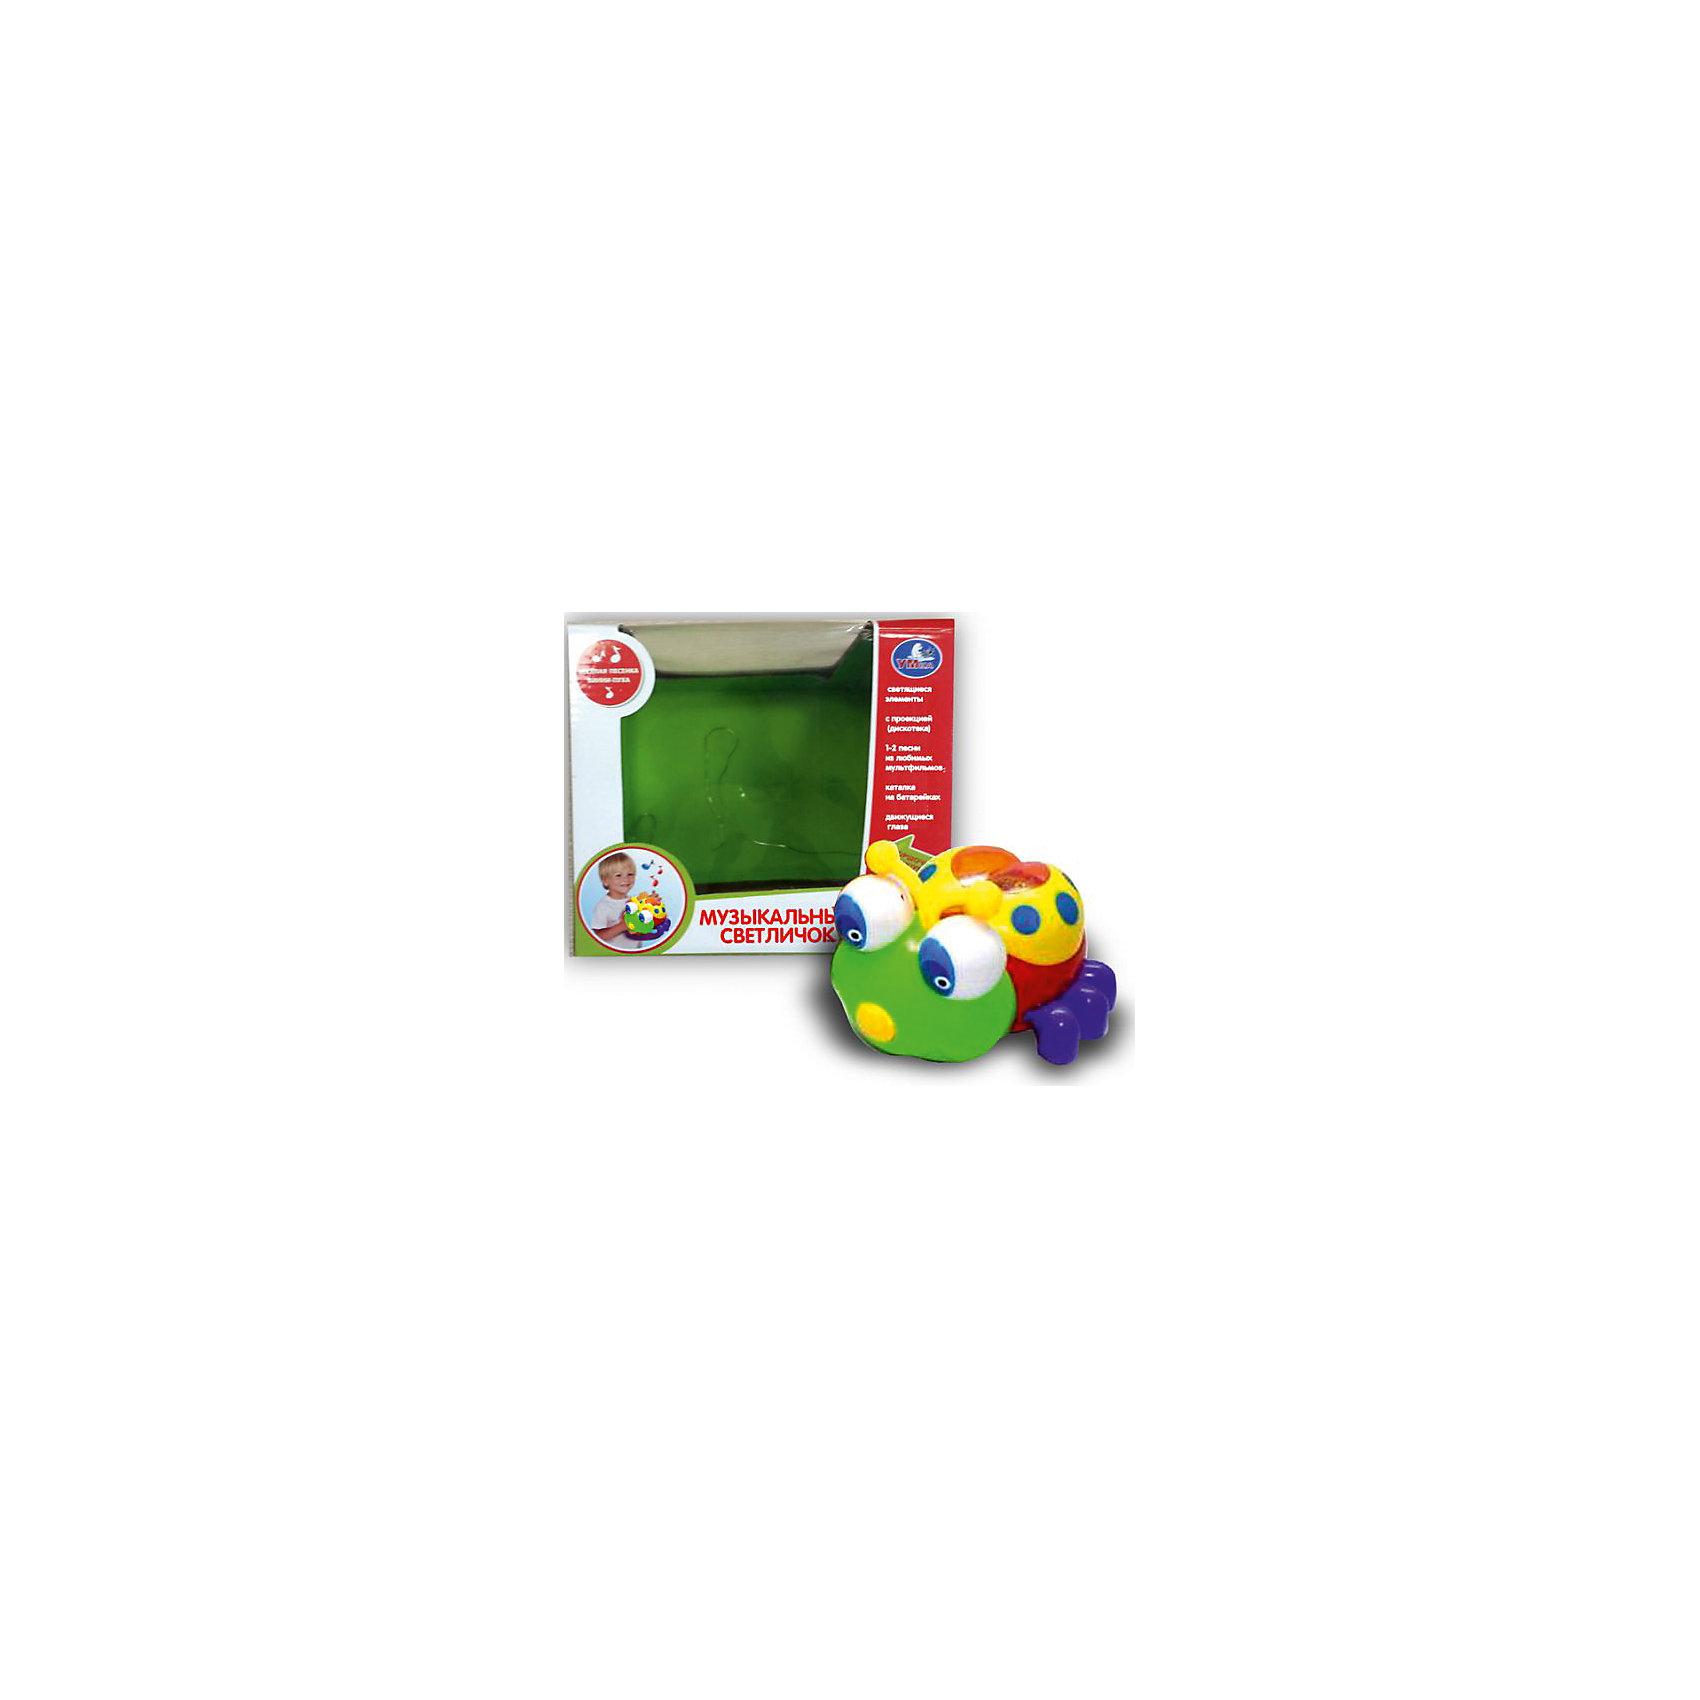 Музыкальный светлячок, песни В. Шаинского, УмкаИгрушки могут не только развлекать малыша, но и помогать его всестороннему развитию. Эта игрушка поможет формированию разных навыков, он помогает развить тактильное восприятие, цветовосприятие, звуковосприятие и мелкую моторику.<br>Изделие представляет собой игрушку из приятного на ощупь материала со звуковым и световым модулем - ребенок может надолго занять себя игрой с ней! Сделана игрушка из качественных материалов, безопасных для ребенка.<br><br>Дополнительная информация:<br><br>цвет: разноцветный;<br>материал: пластик;<br>звуковой и световой модуль;<br>размер упаковки: 180 x 140 x 200 мм.<br><br>Игрушку Музыкальный светлячок, песни В. Шаинского, от бренда Умка можно купить в нашем магазине.<br><br>Ширина мм: 180<br>Глубина мм: 140<br>Высота мм: 200<br>Вес г: 480<br>Возраст от месяцев: 36<br>Возраст до месяцев: 2147483647<br>Пол: Унисекс<br>Возраст: Детский<br>SKU: 5002261